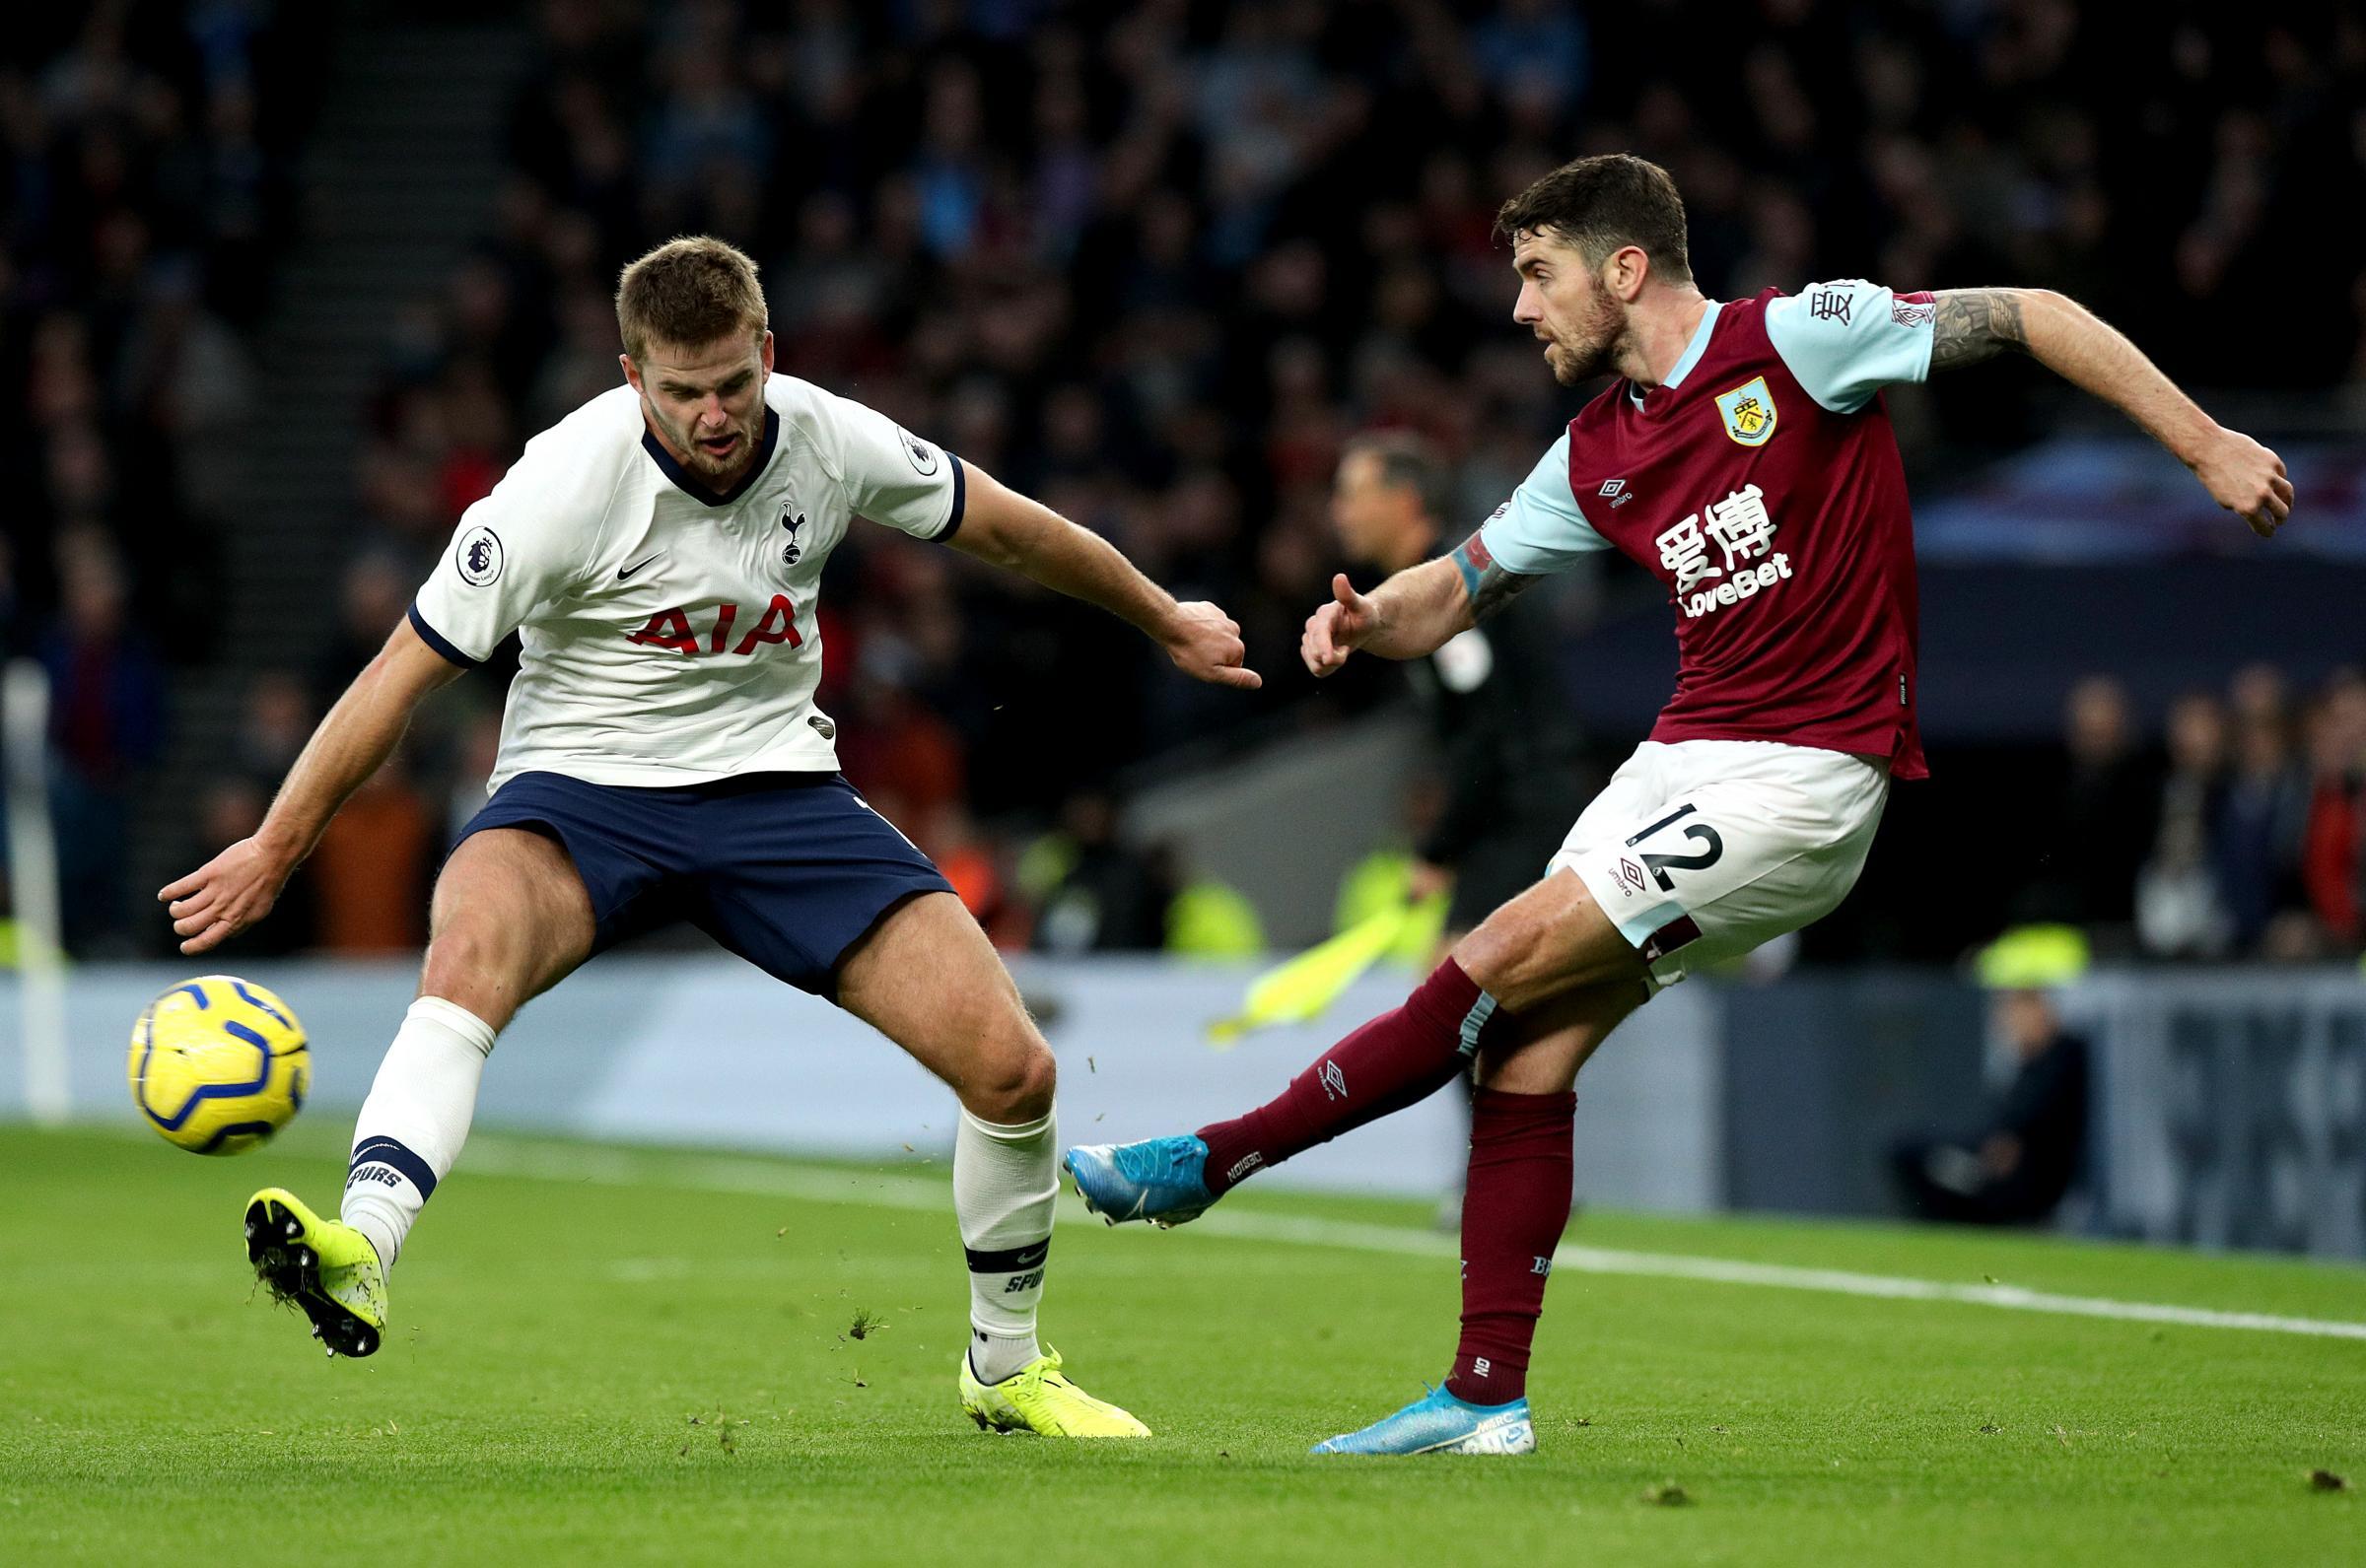 Tottenham Hotspur 5-0 Burnley: As it happened